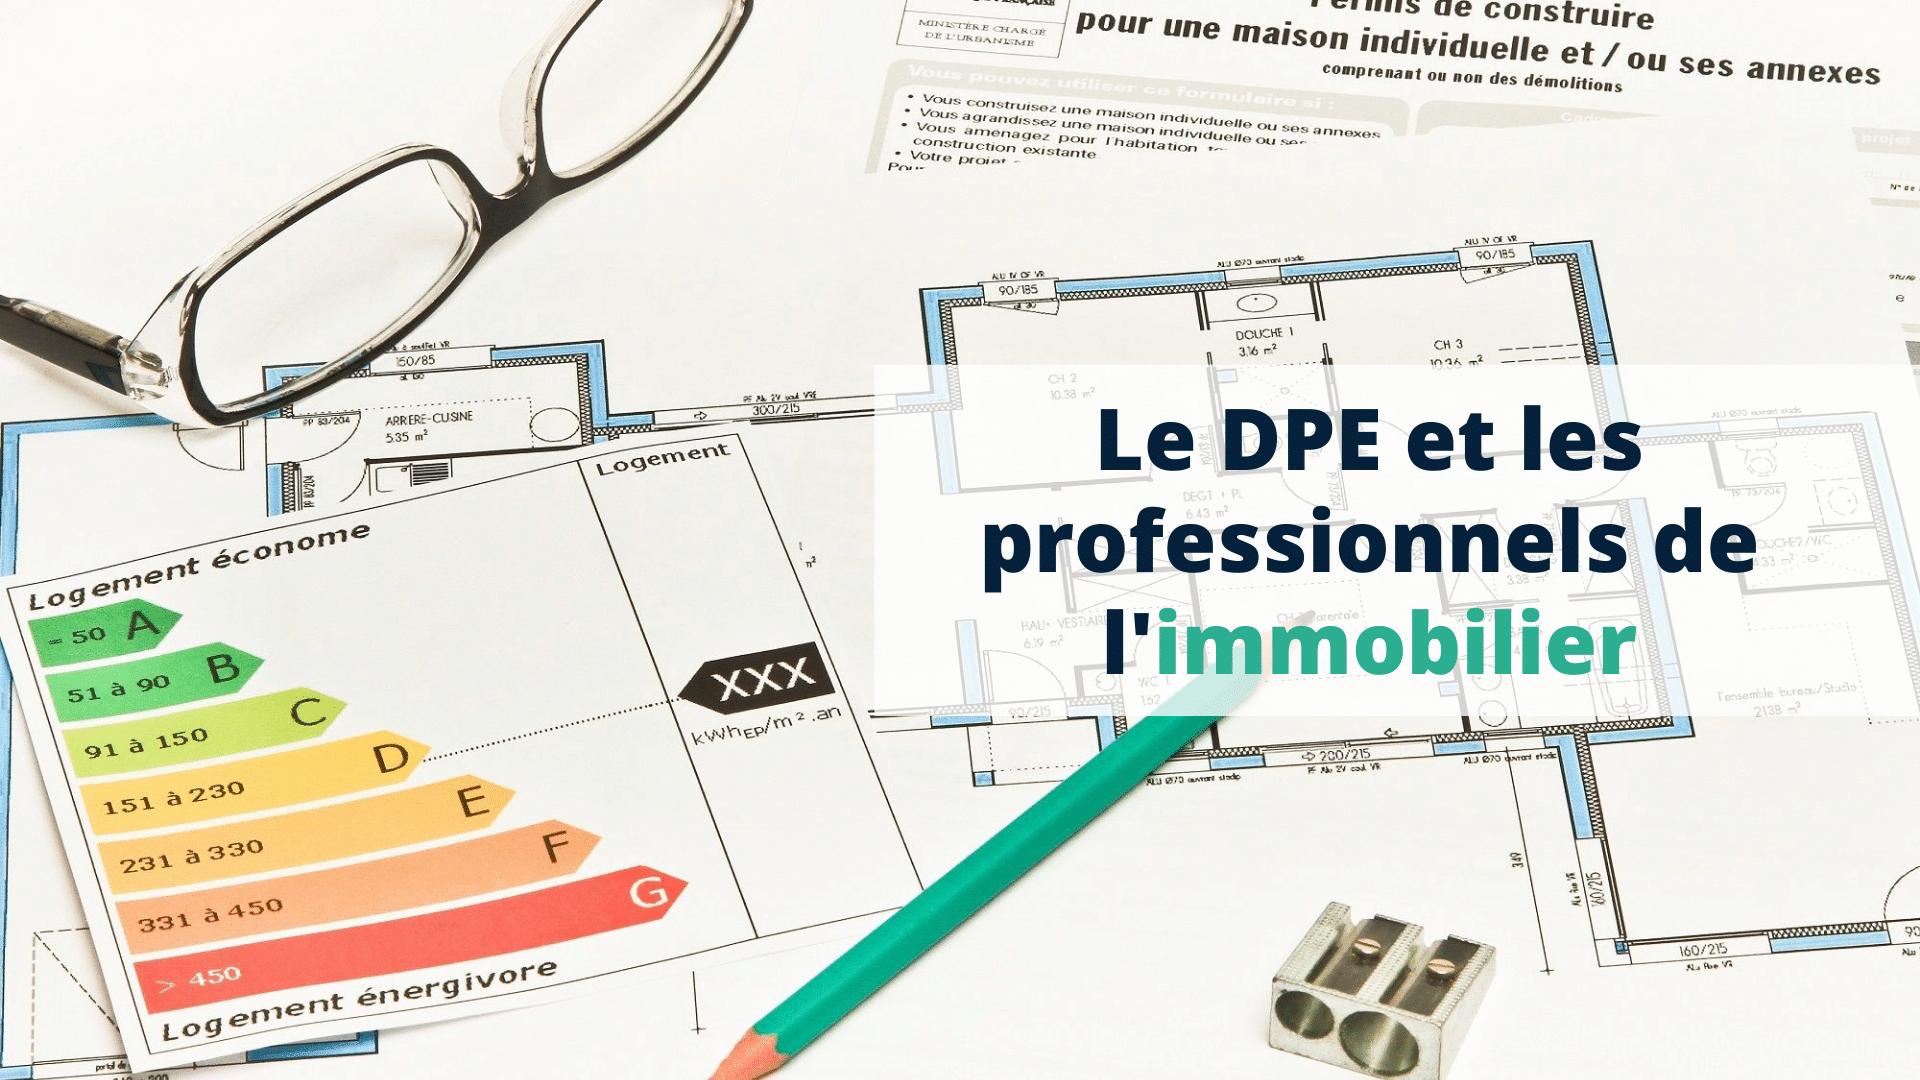 Le DPE et les professionnels de l'immobilier - Start Learning